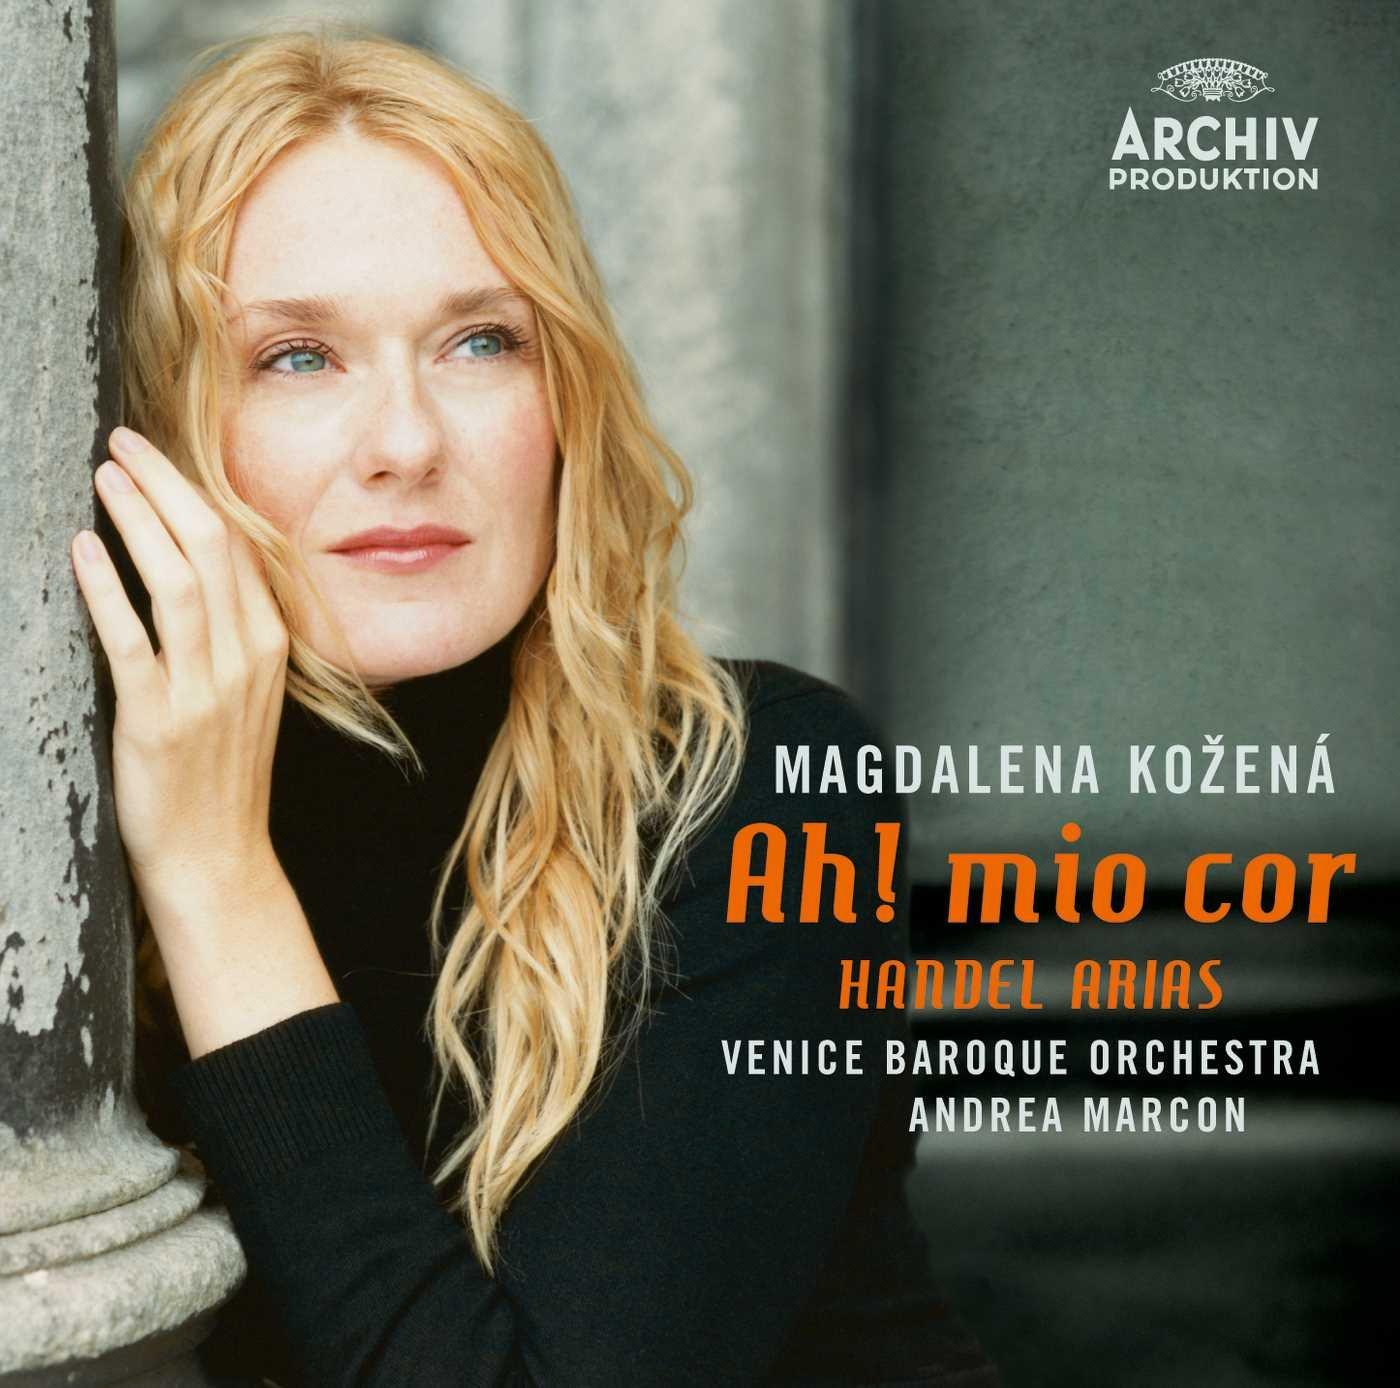 Ah! Mio Cor - Handel Arias by Mio